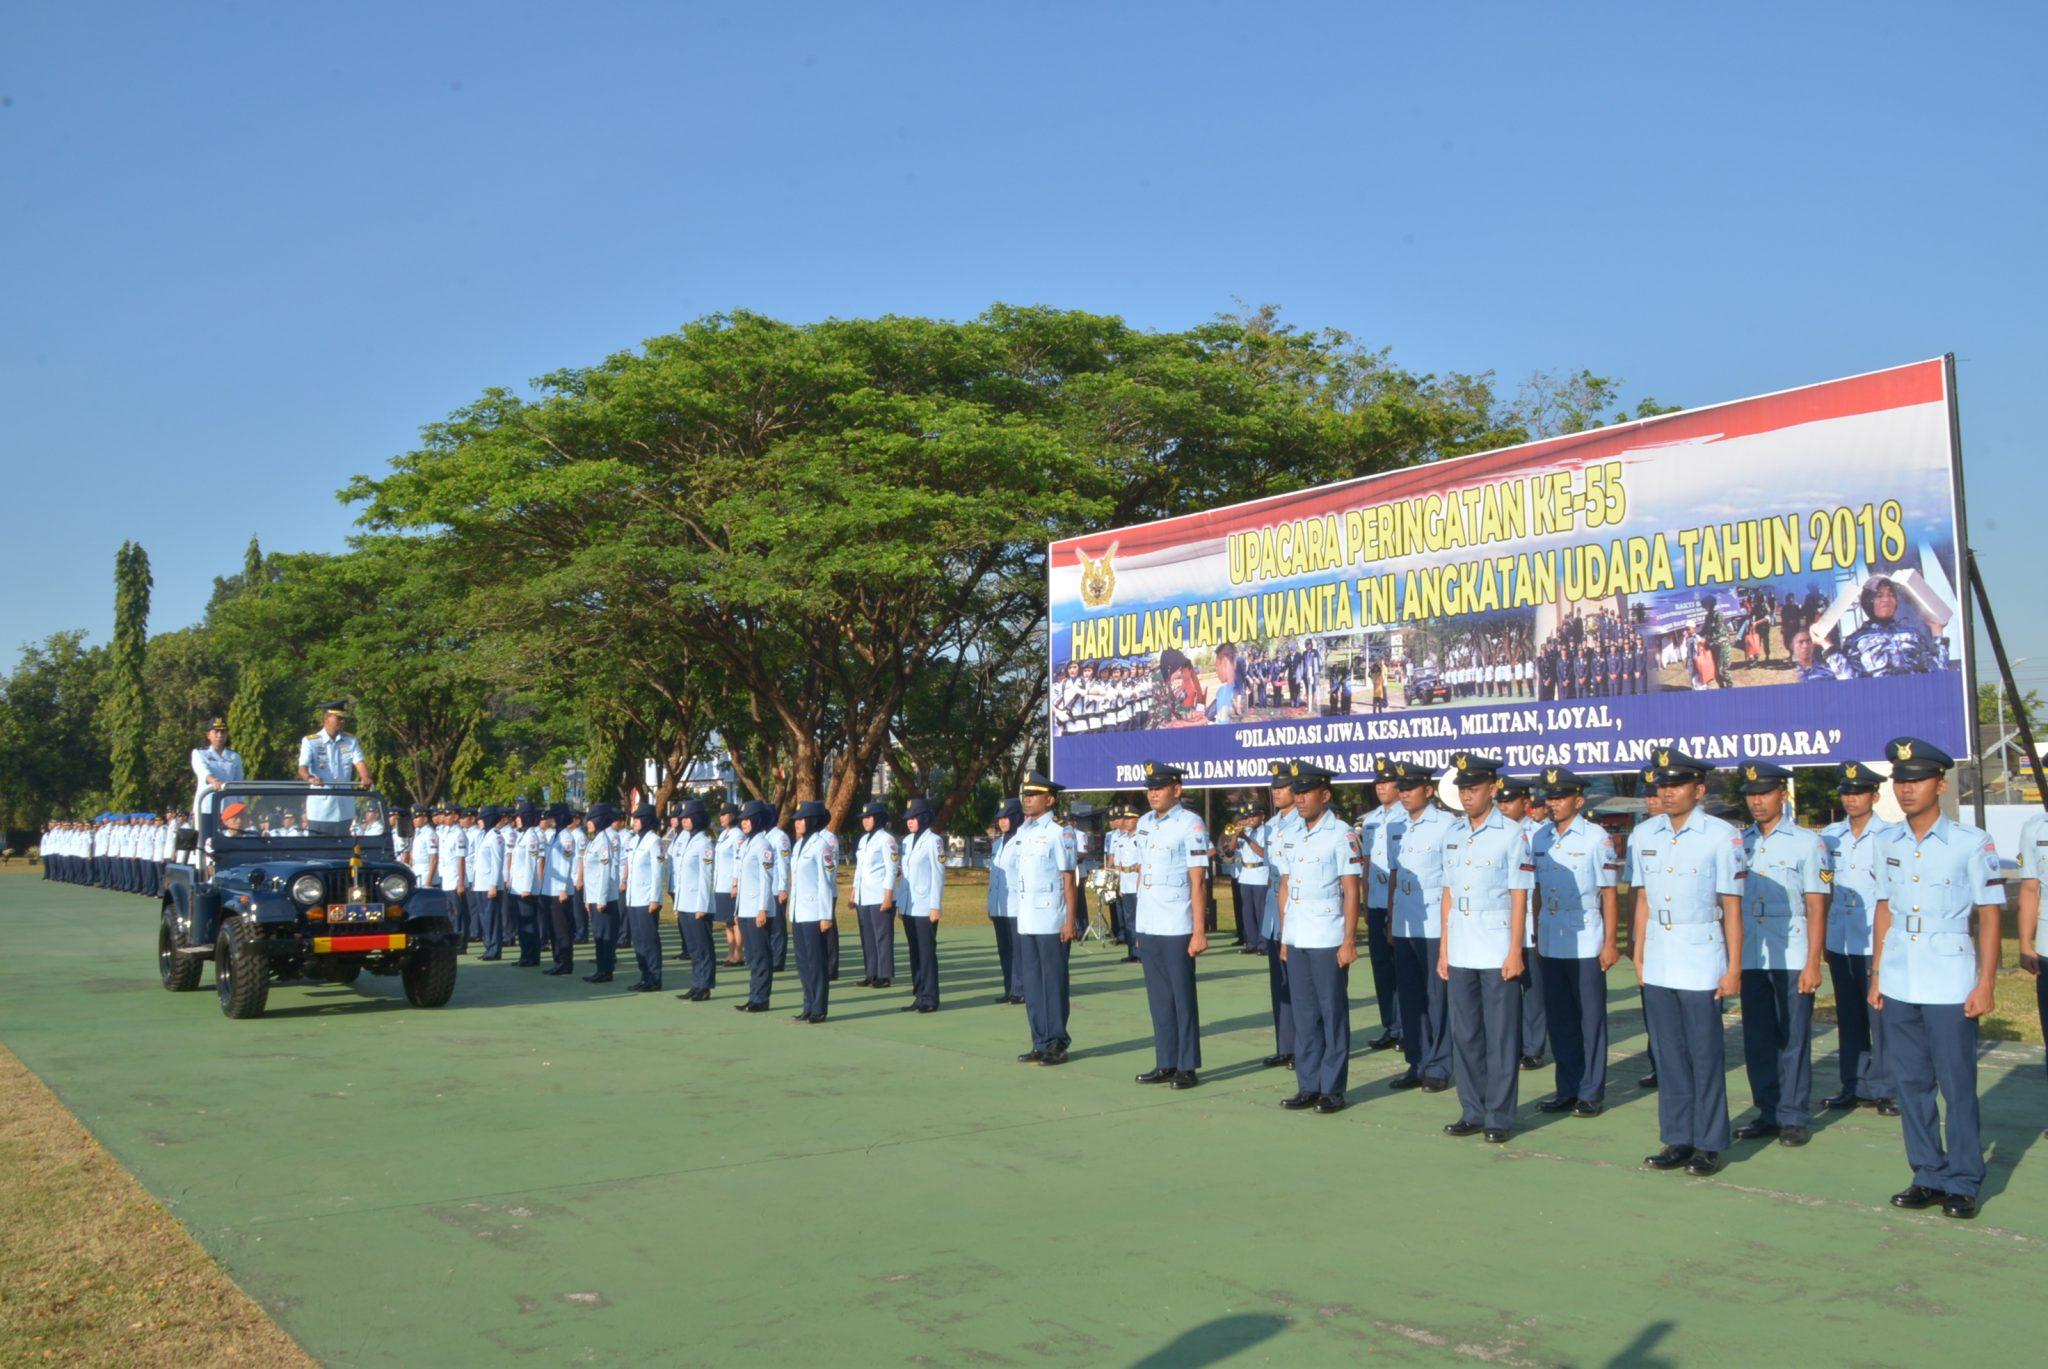 Upacara Peringatan Hut WARA ke-55 di Makassar